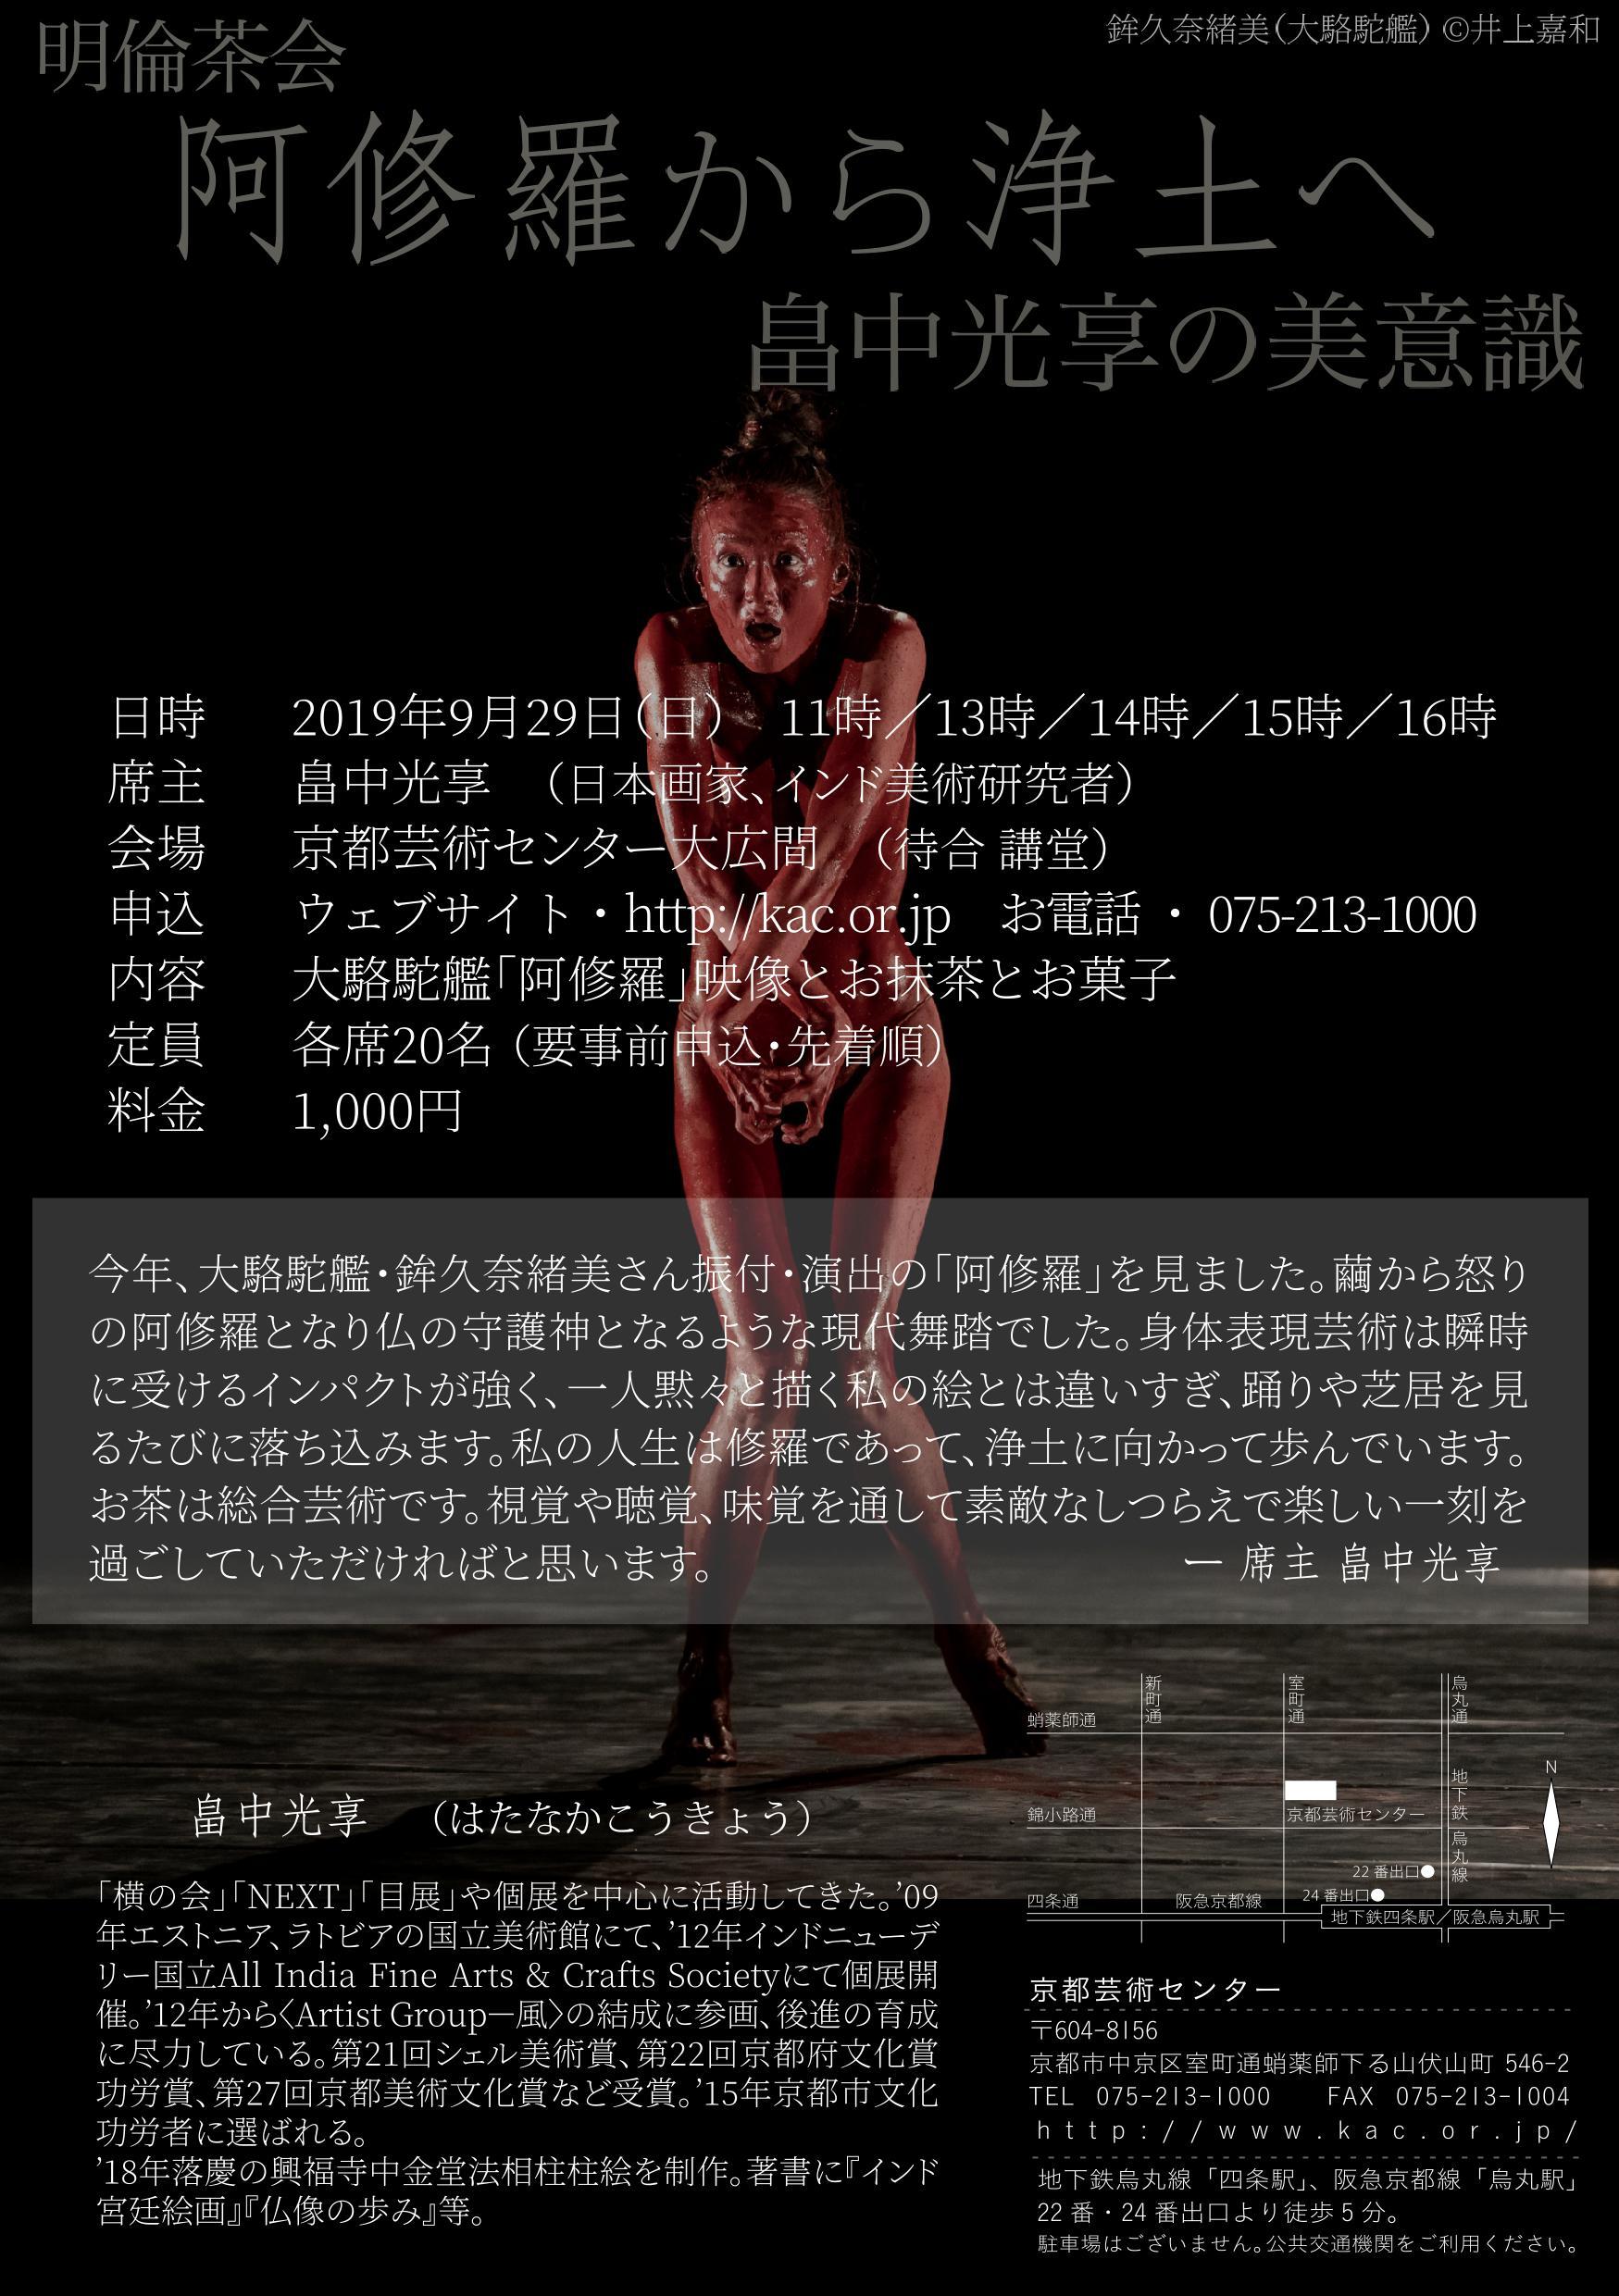 画像 鉾久奈緒美(大駱駝艦)©井上嘉和